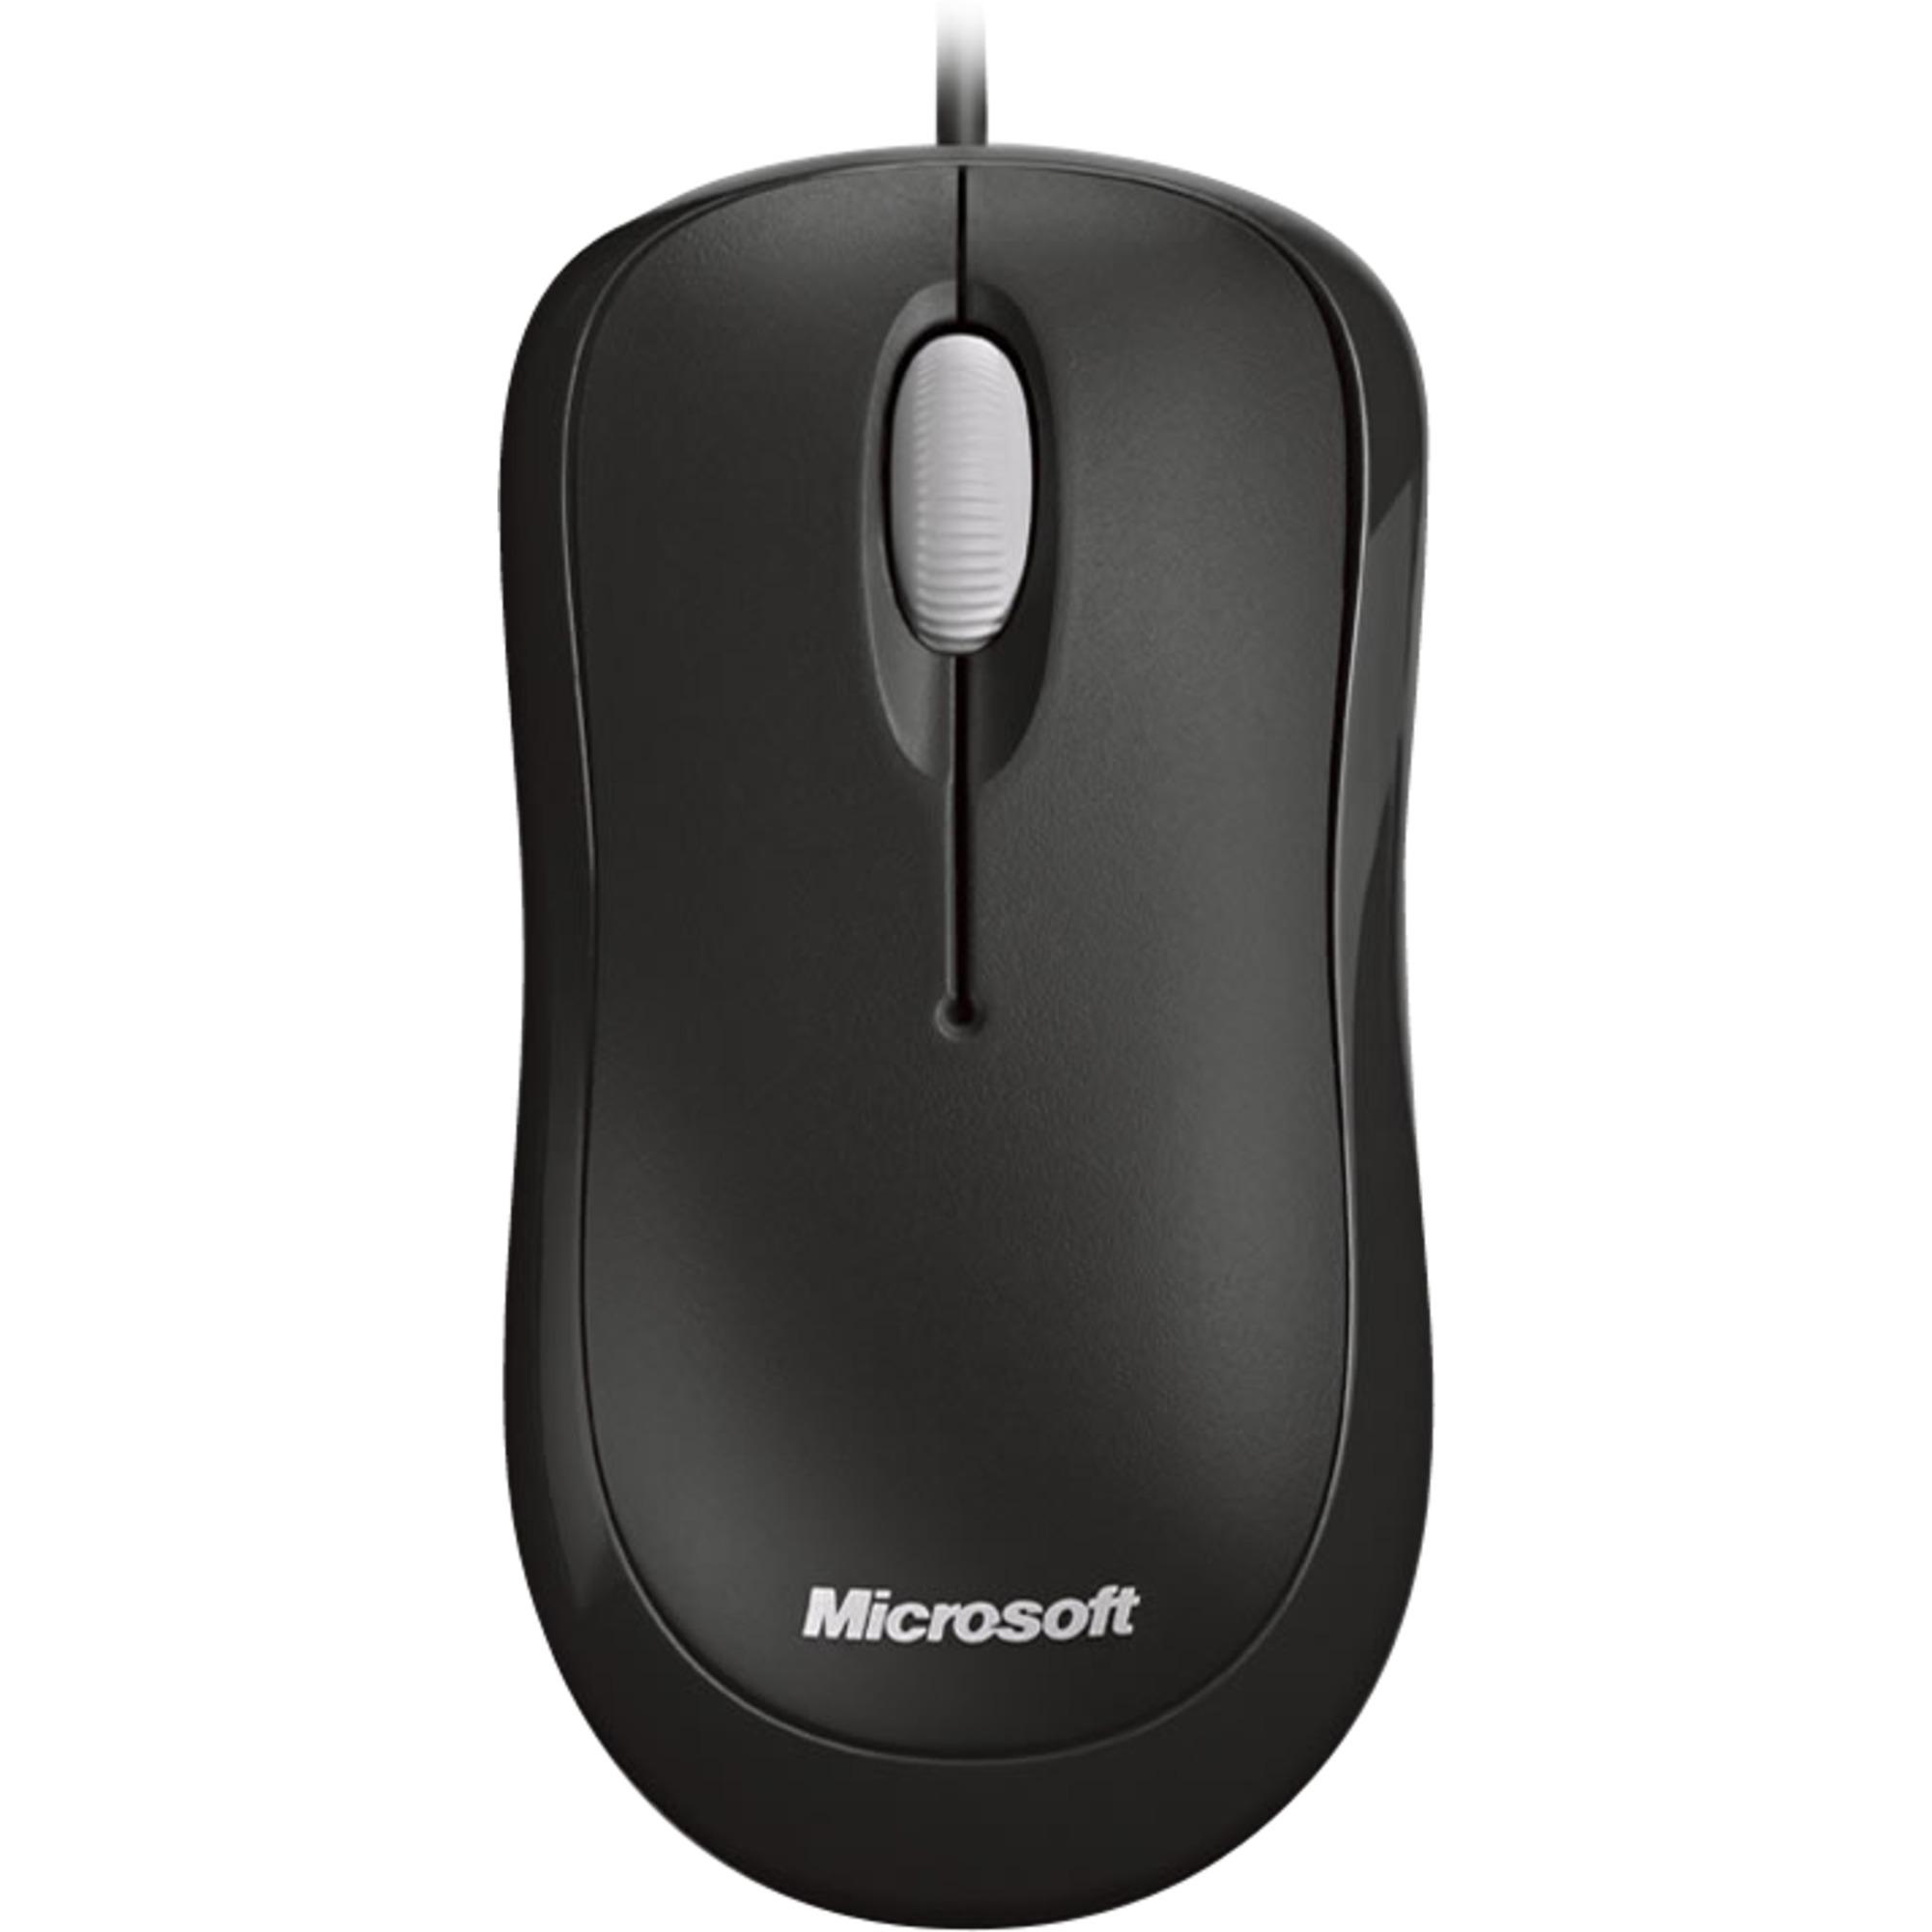 4YH-00007 ratón USB Óptico 800 DPI Ambidextro